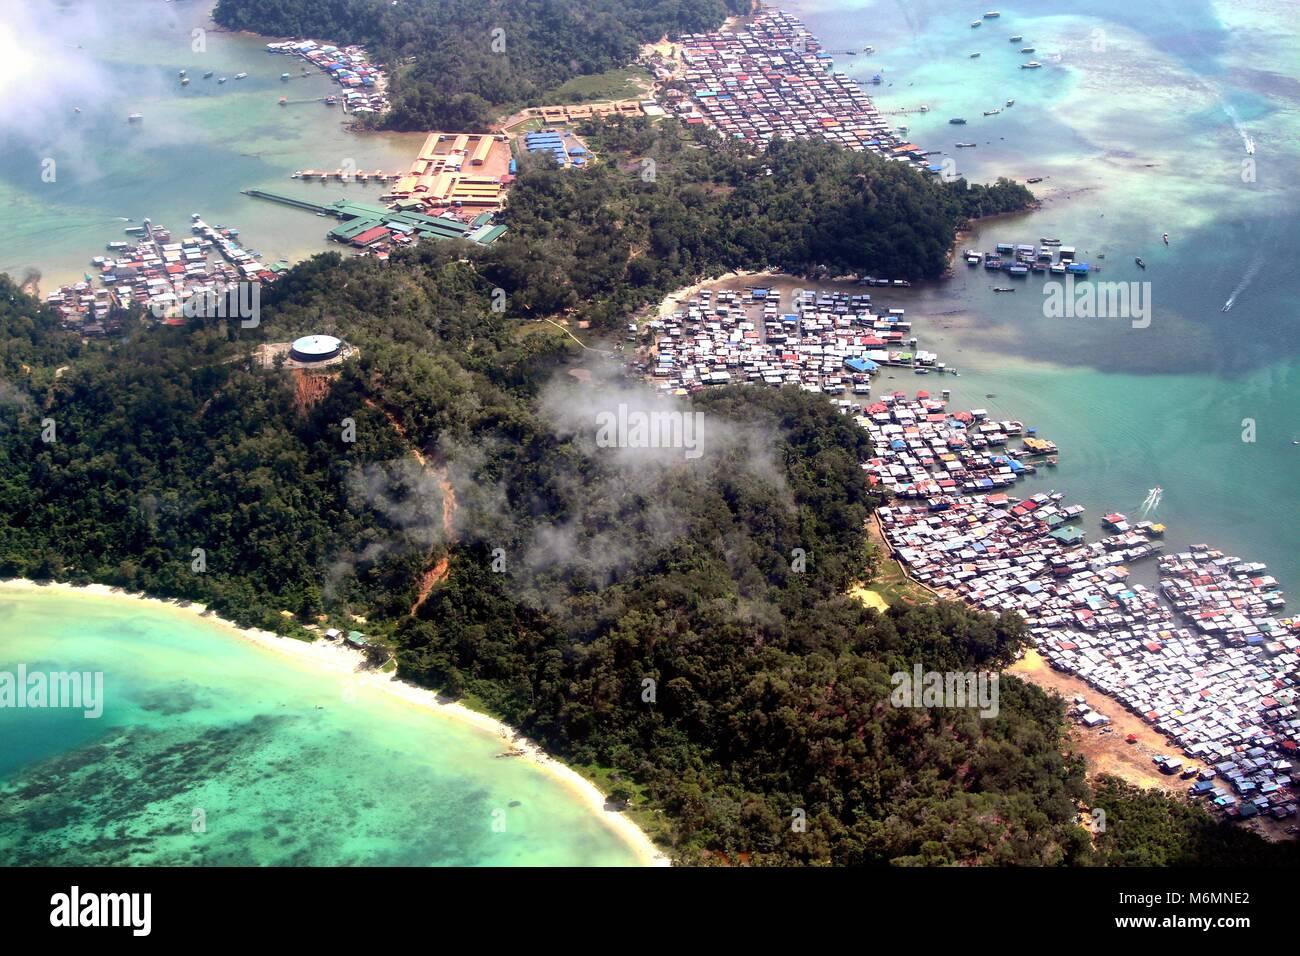 Villaggio nomade e Spiaggia Paradiso in Borneo Immagini Stock